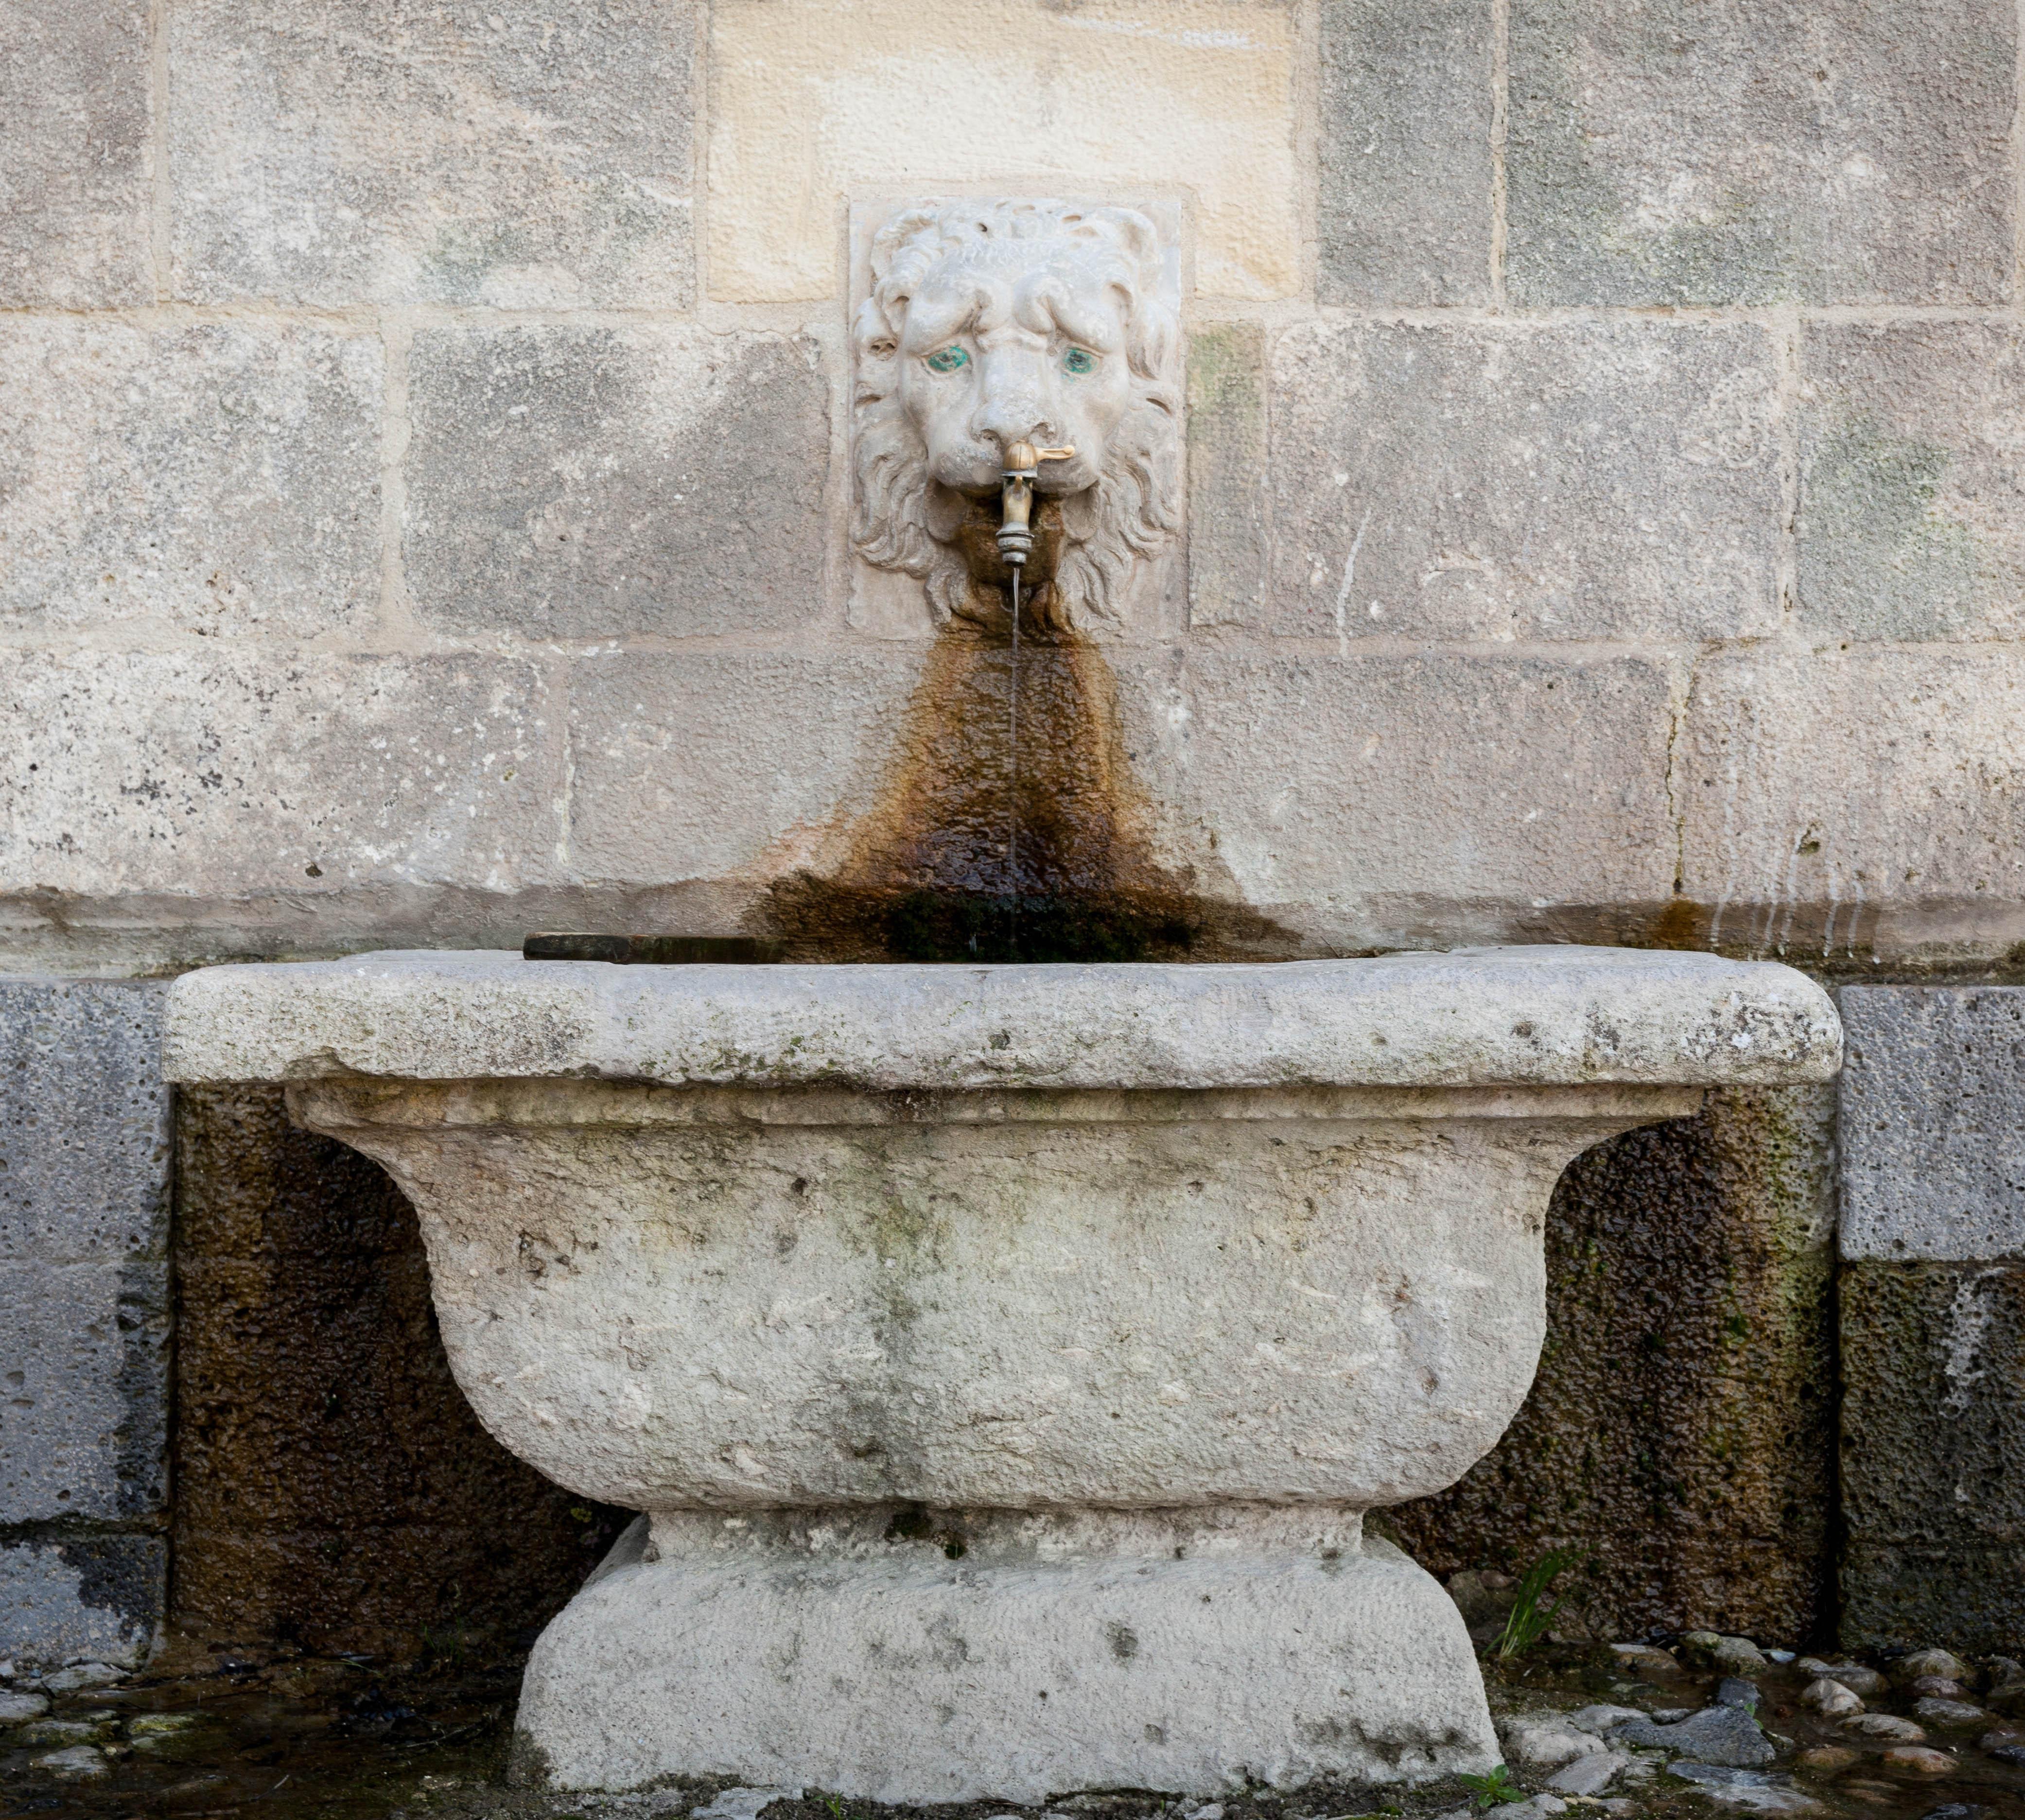 Mercoledì 2 dicembre 2015 alle ore 15 si inaugura nelle sale del Centro comunale d'arte Il Ghetto la mostra Fontane storiche e architetture dell'acqua in Sardegna.